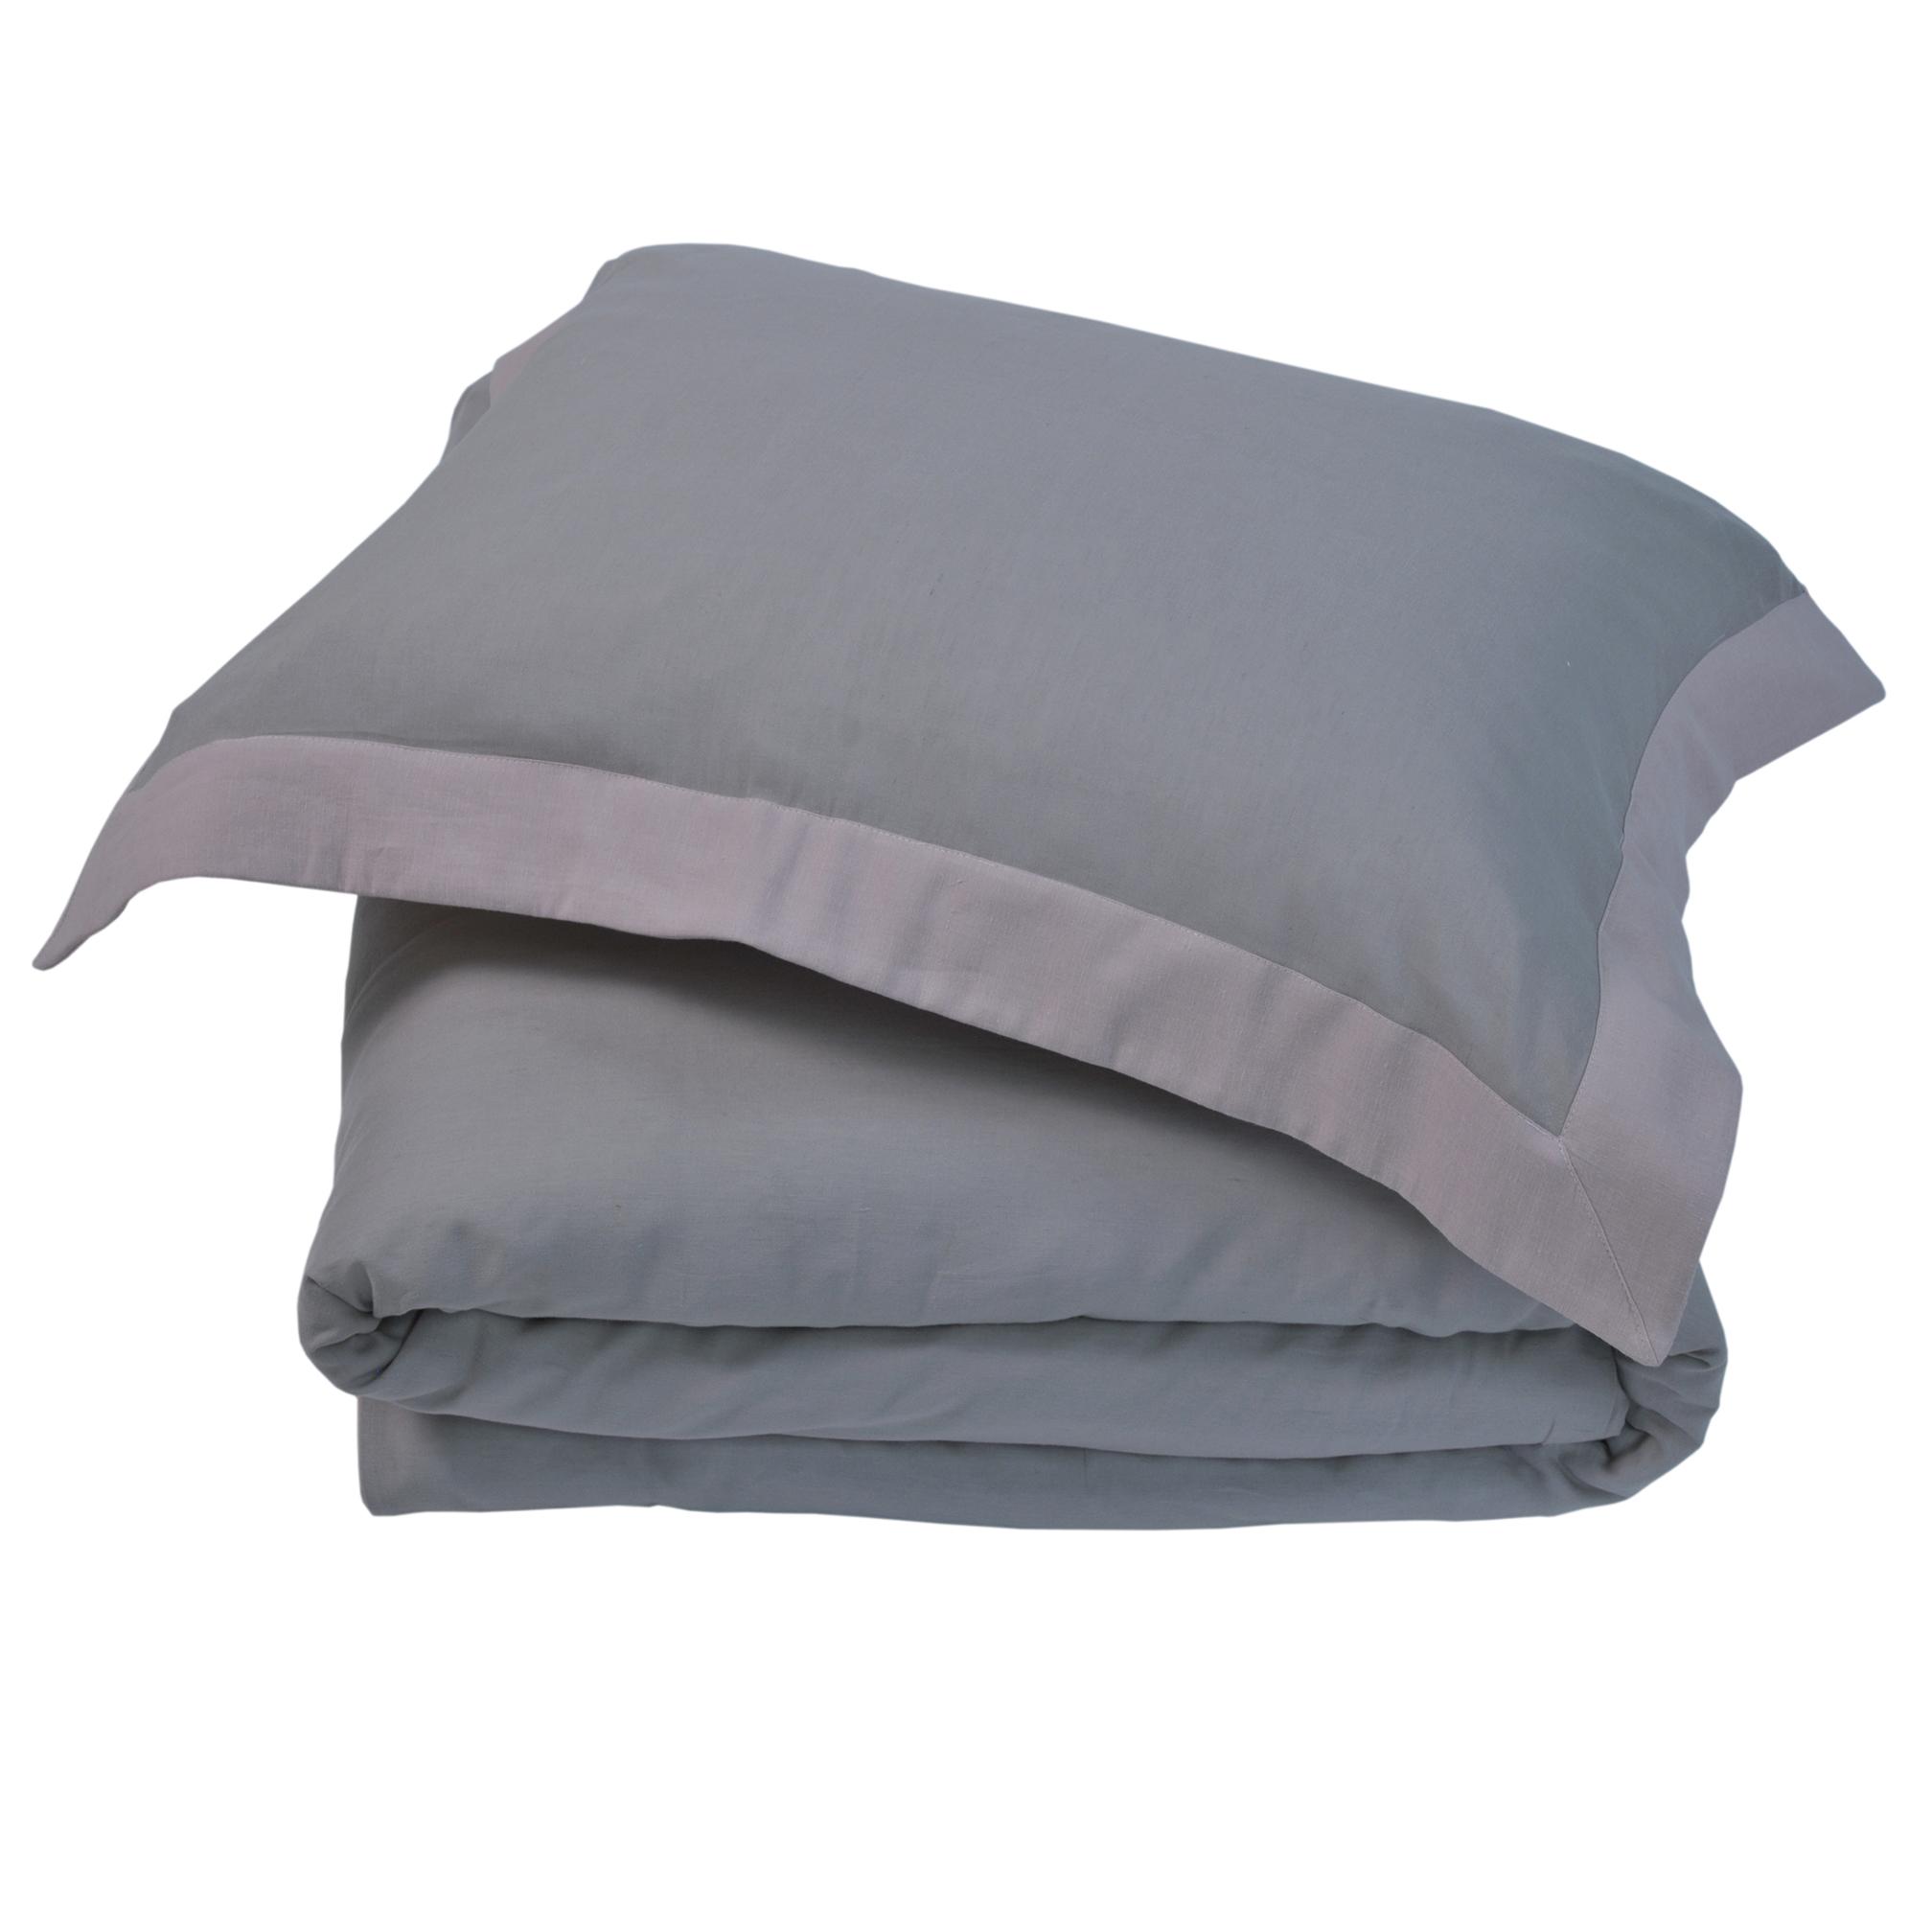 Комплекты Постельное белье 2 спальное евро Casual Avenue Hampton дым-розовое elitnoe-postelnoe-belie-hampton-warm-gray-quartz-ot-casual-avenue-turtsiya.jpg